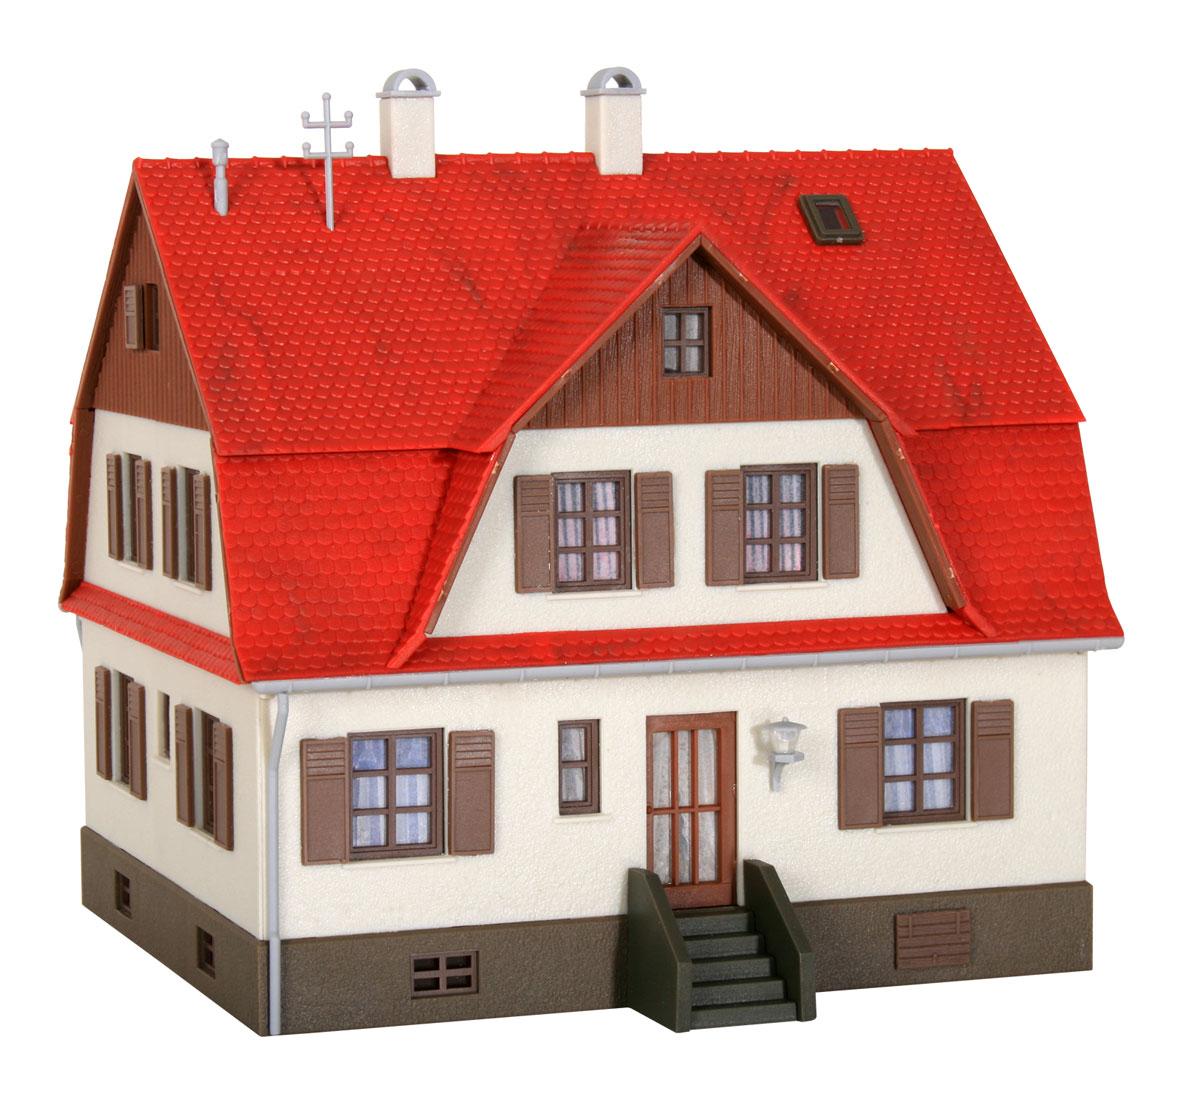 Bausatz Spur H0 Kibri 38160 Wohnhaus mit Mansarde